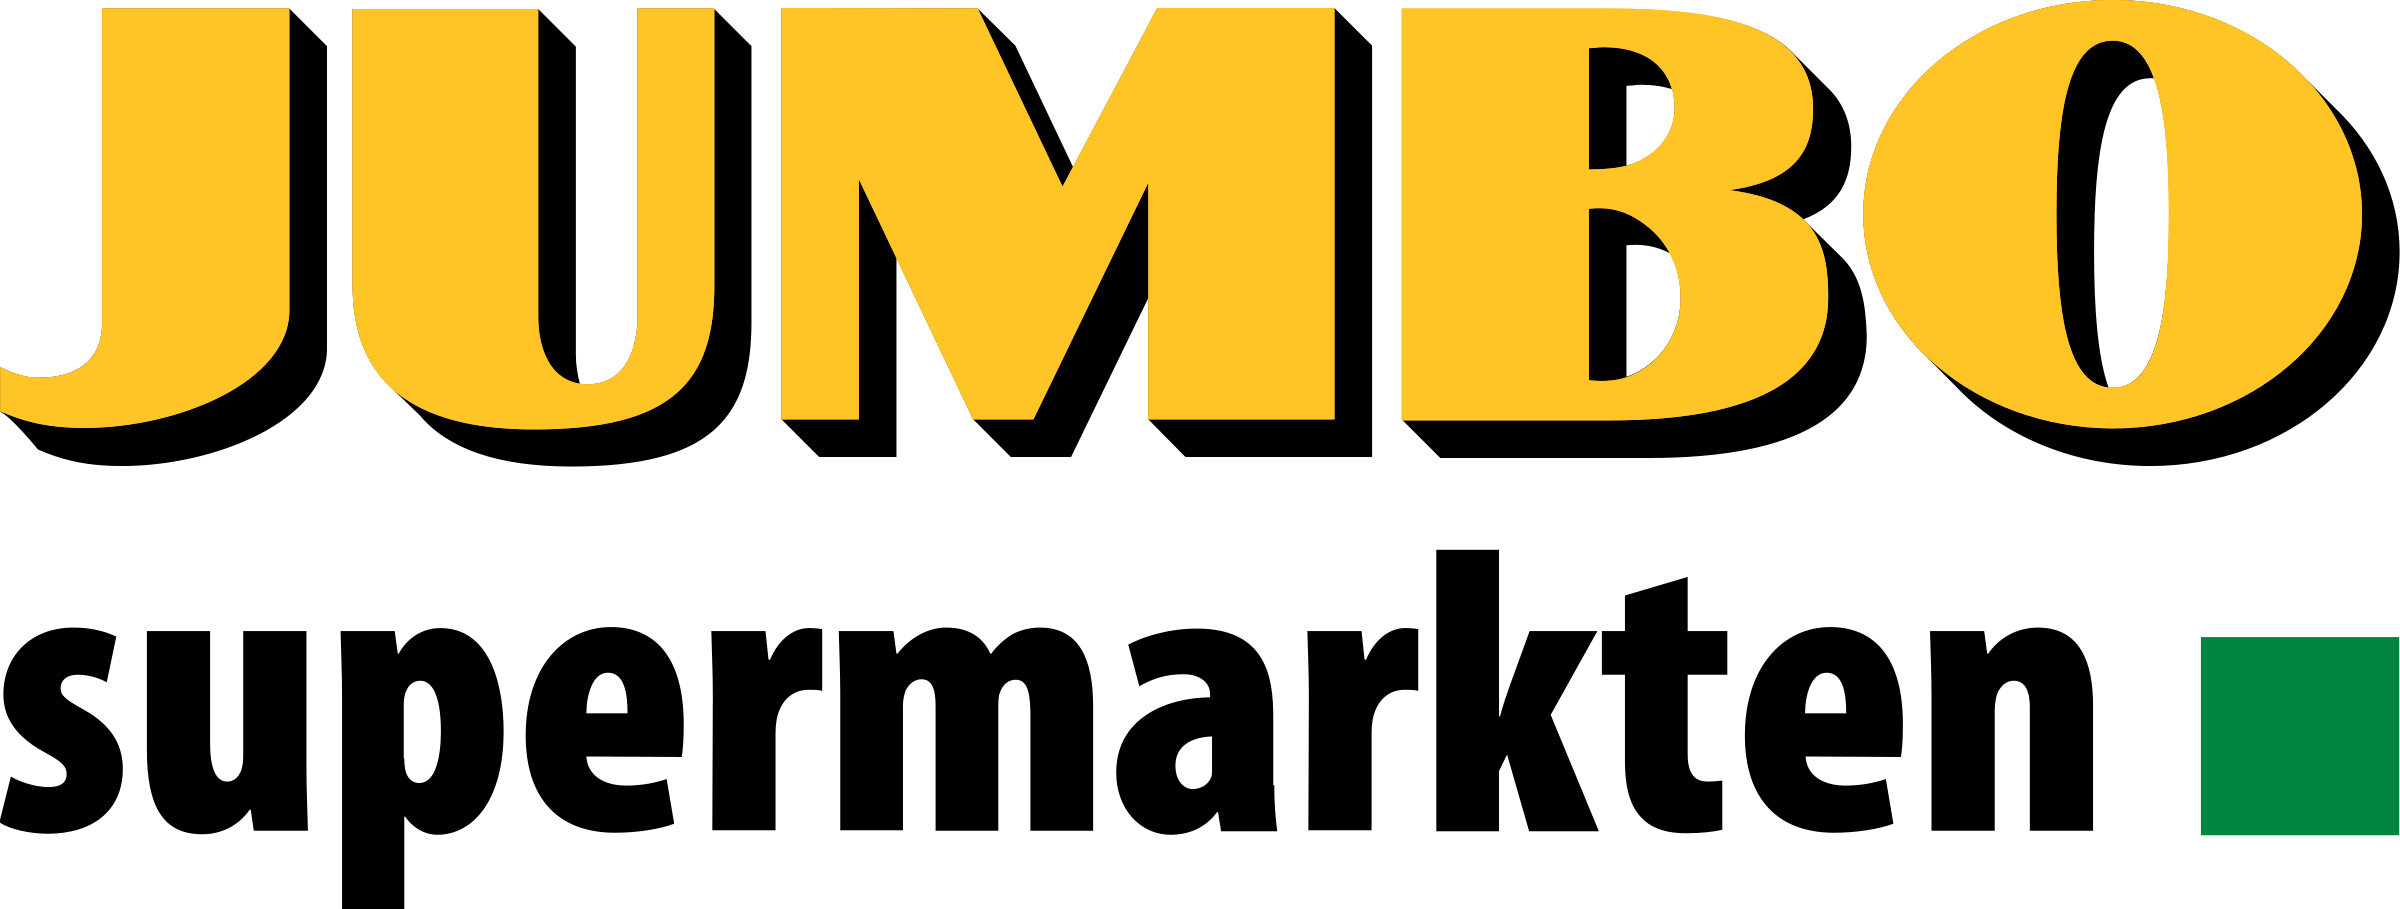 Jumbo Supermarket Logo PNG Transparent & SVG Vector.